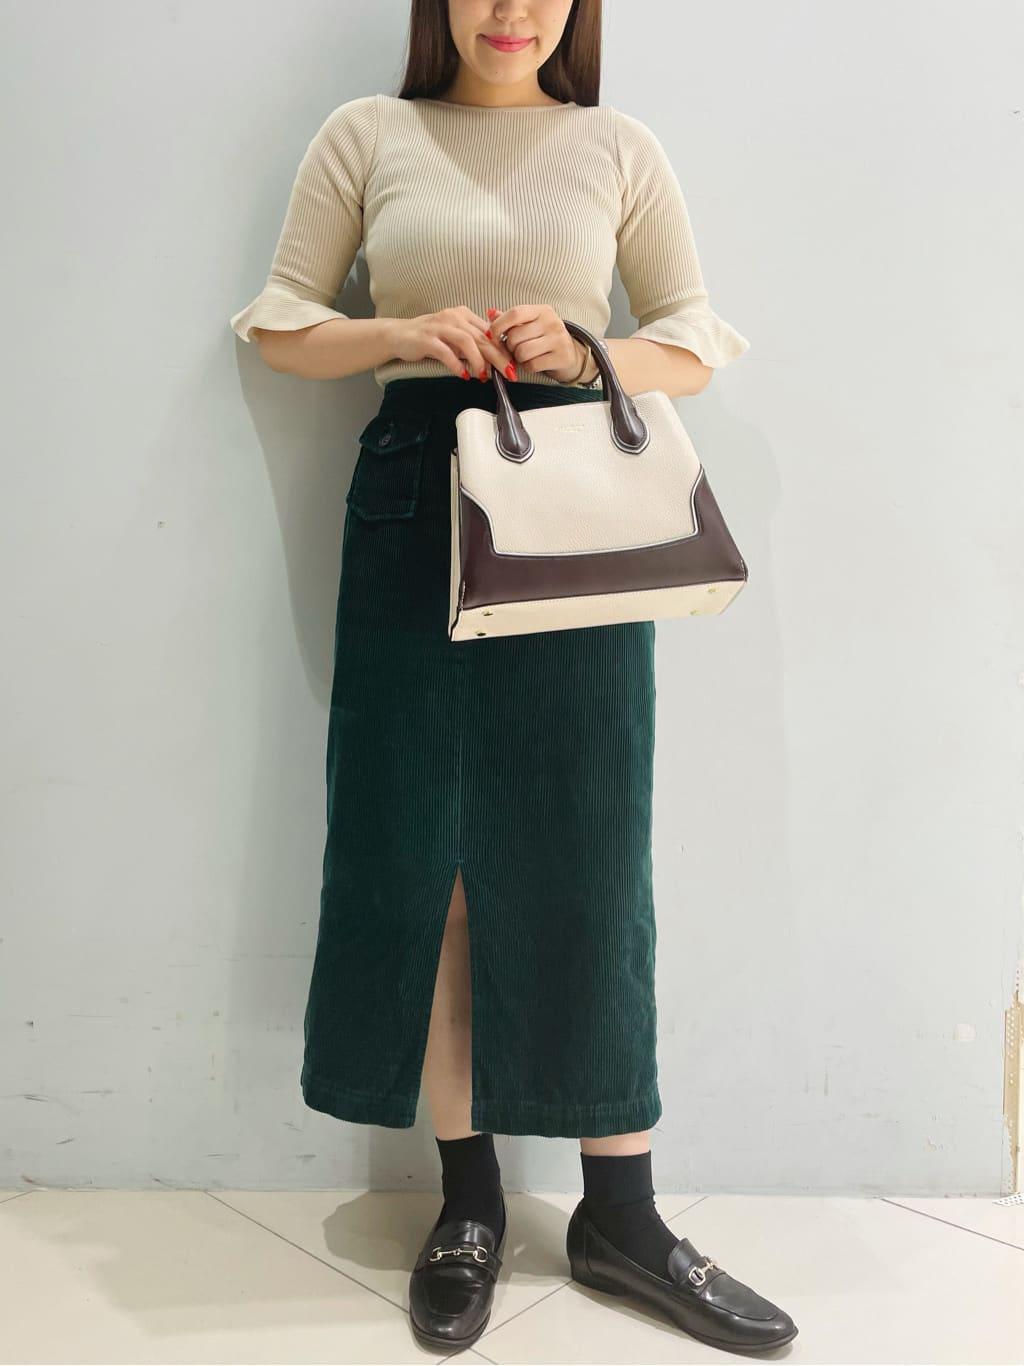 &シュエットギャラリーイオンモール岡山店 sayako